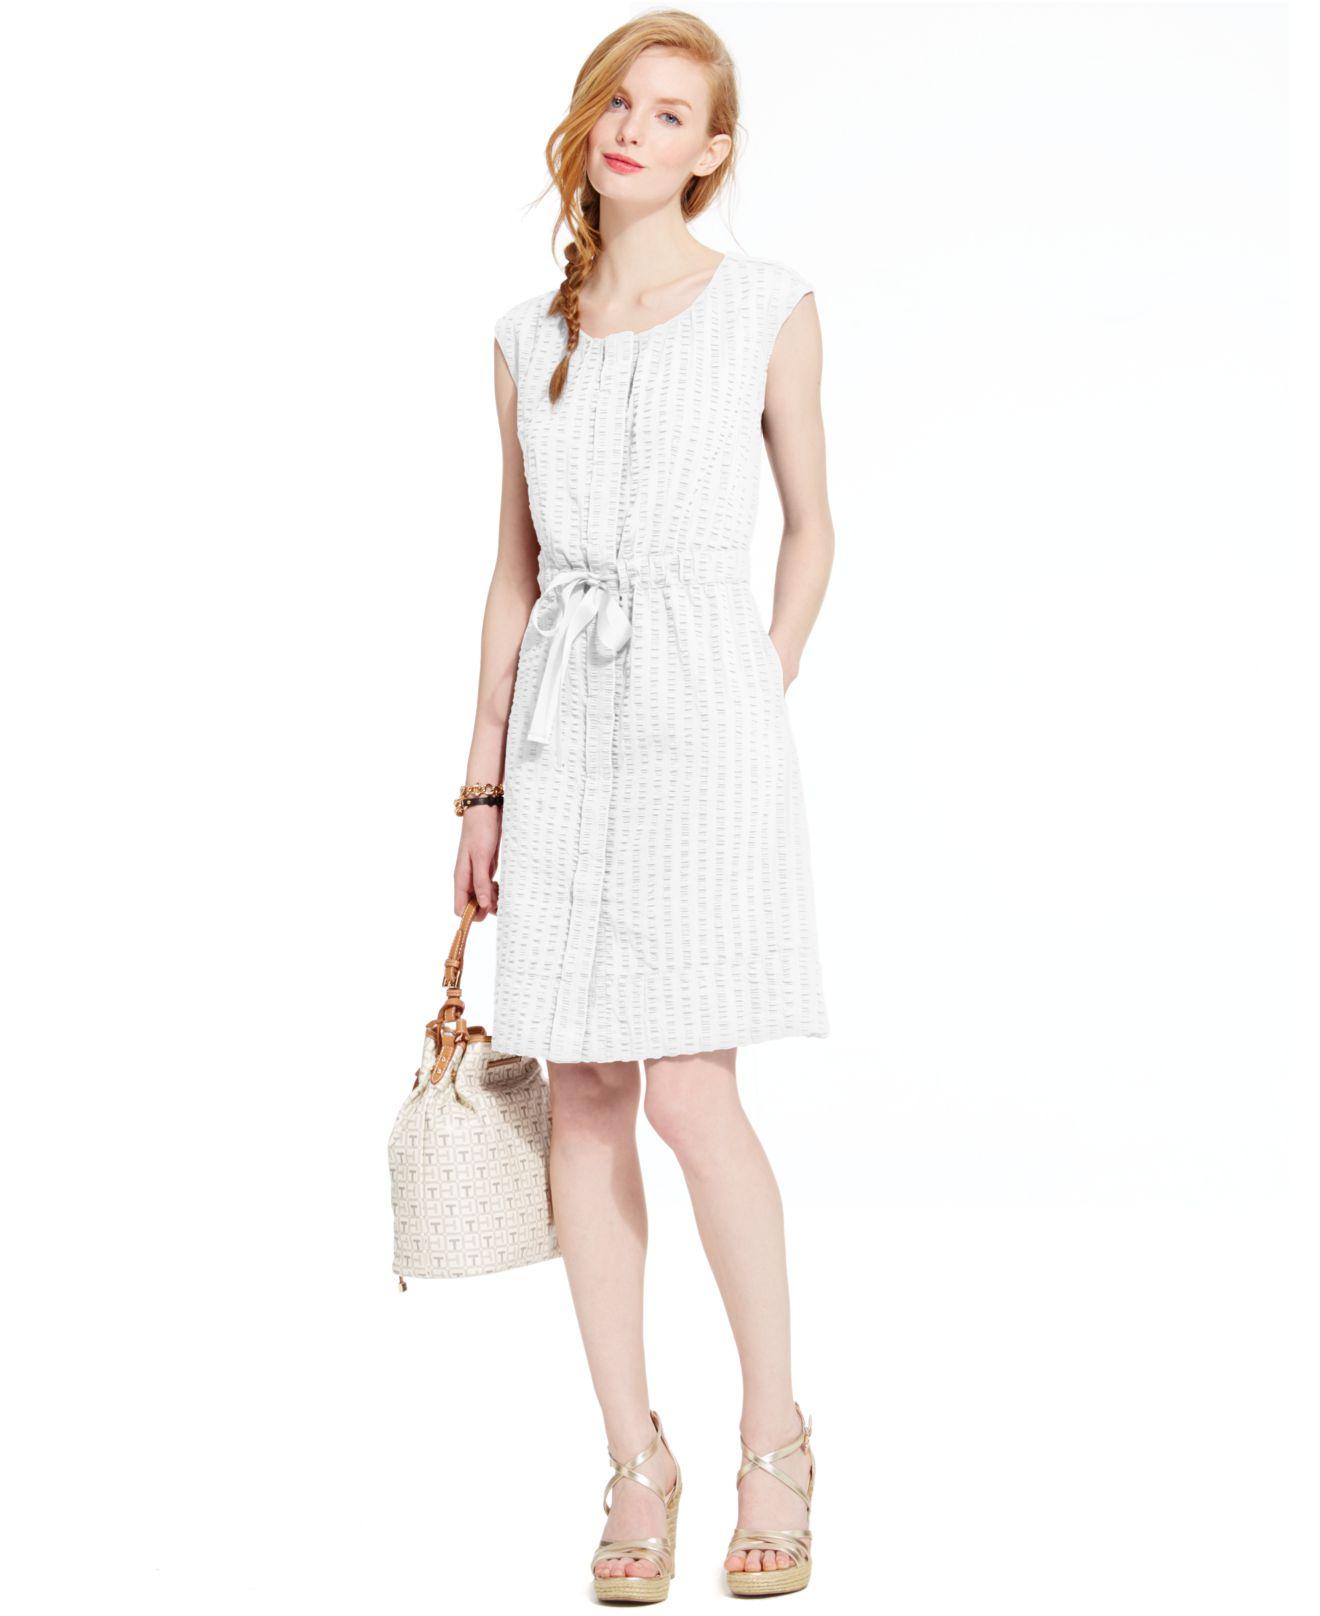 Tommy Hilfiger Seersucker Tie Waist Shirt Dress In White